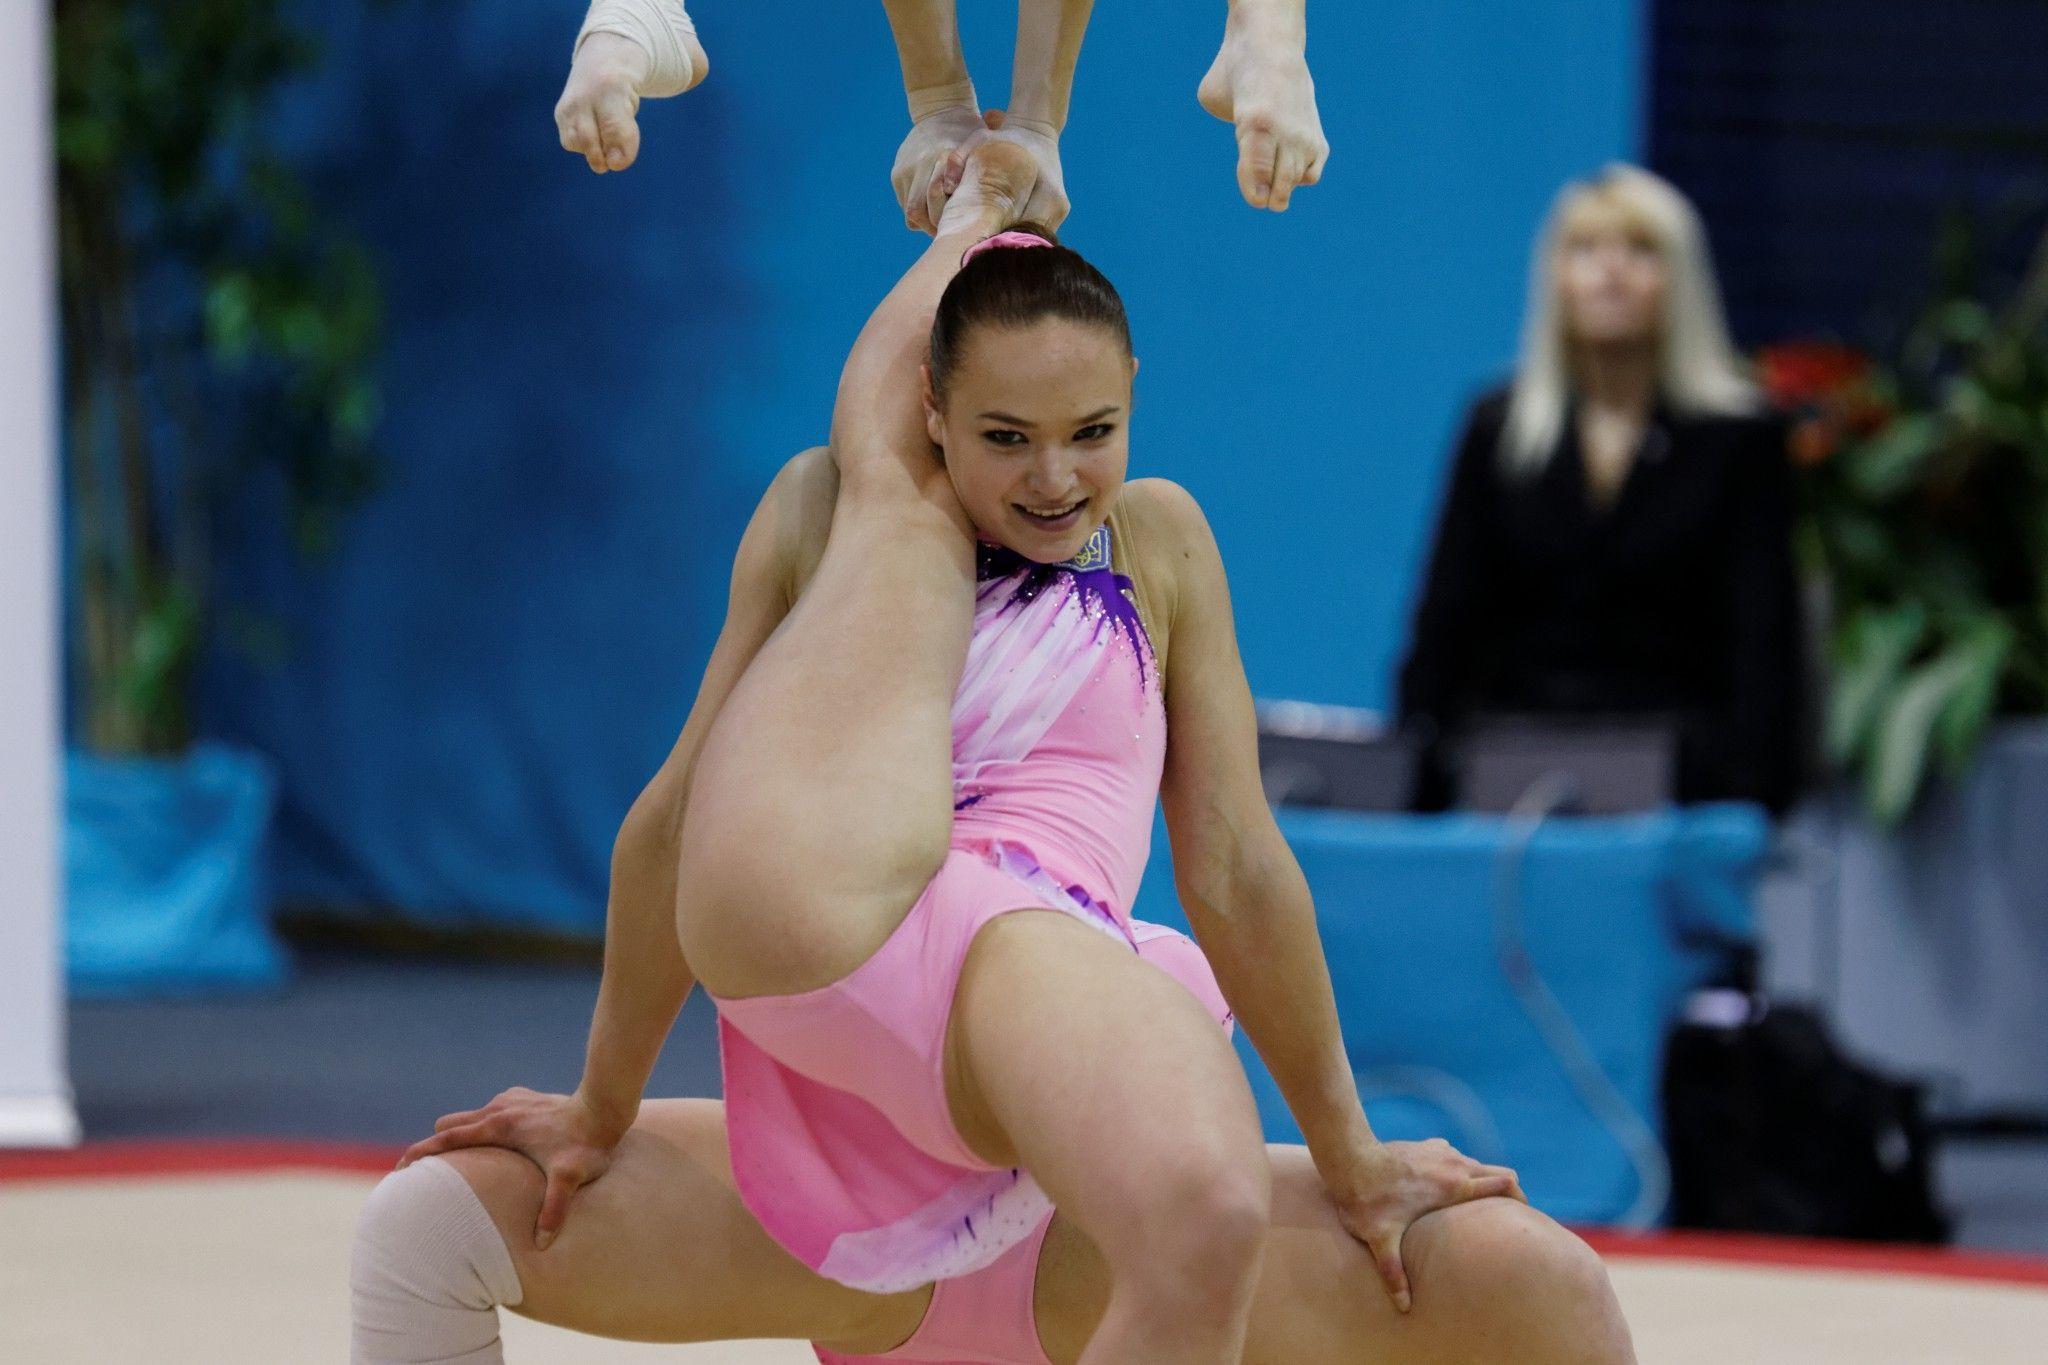 Фото ебли гимнасток крупно, Гимнастки, порно фото, смотреть бесплатно 22 фотография